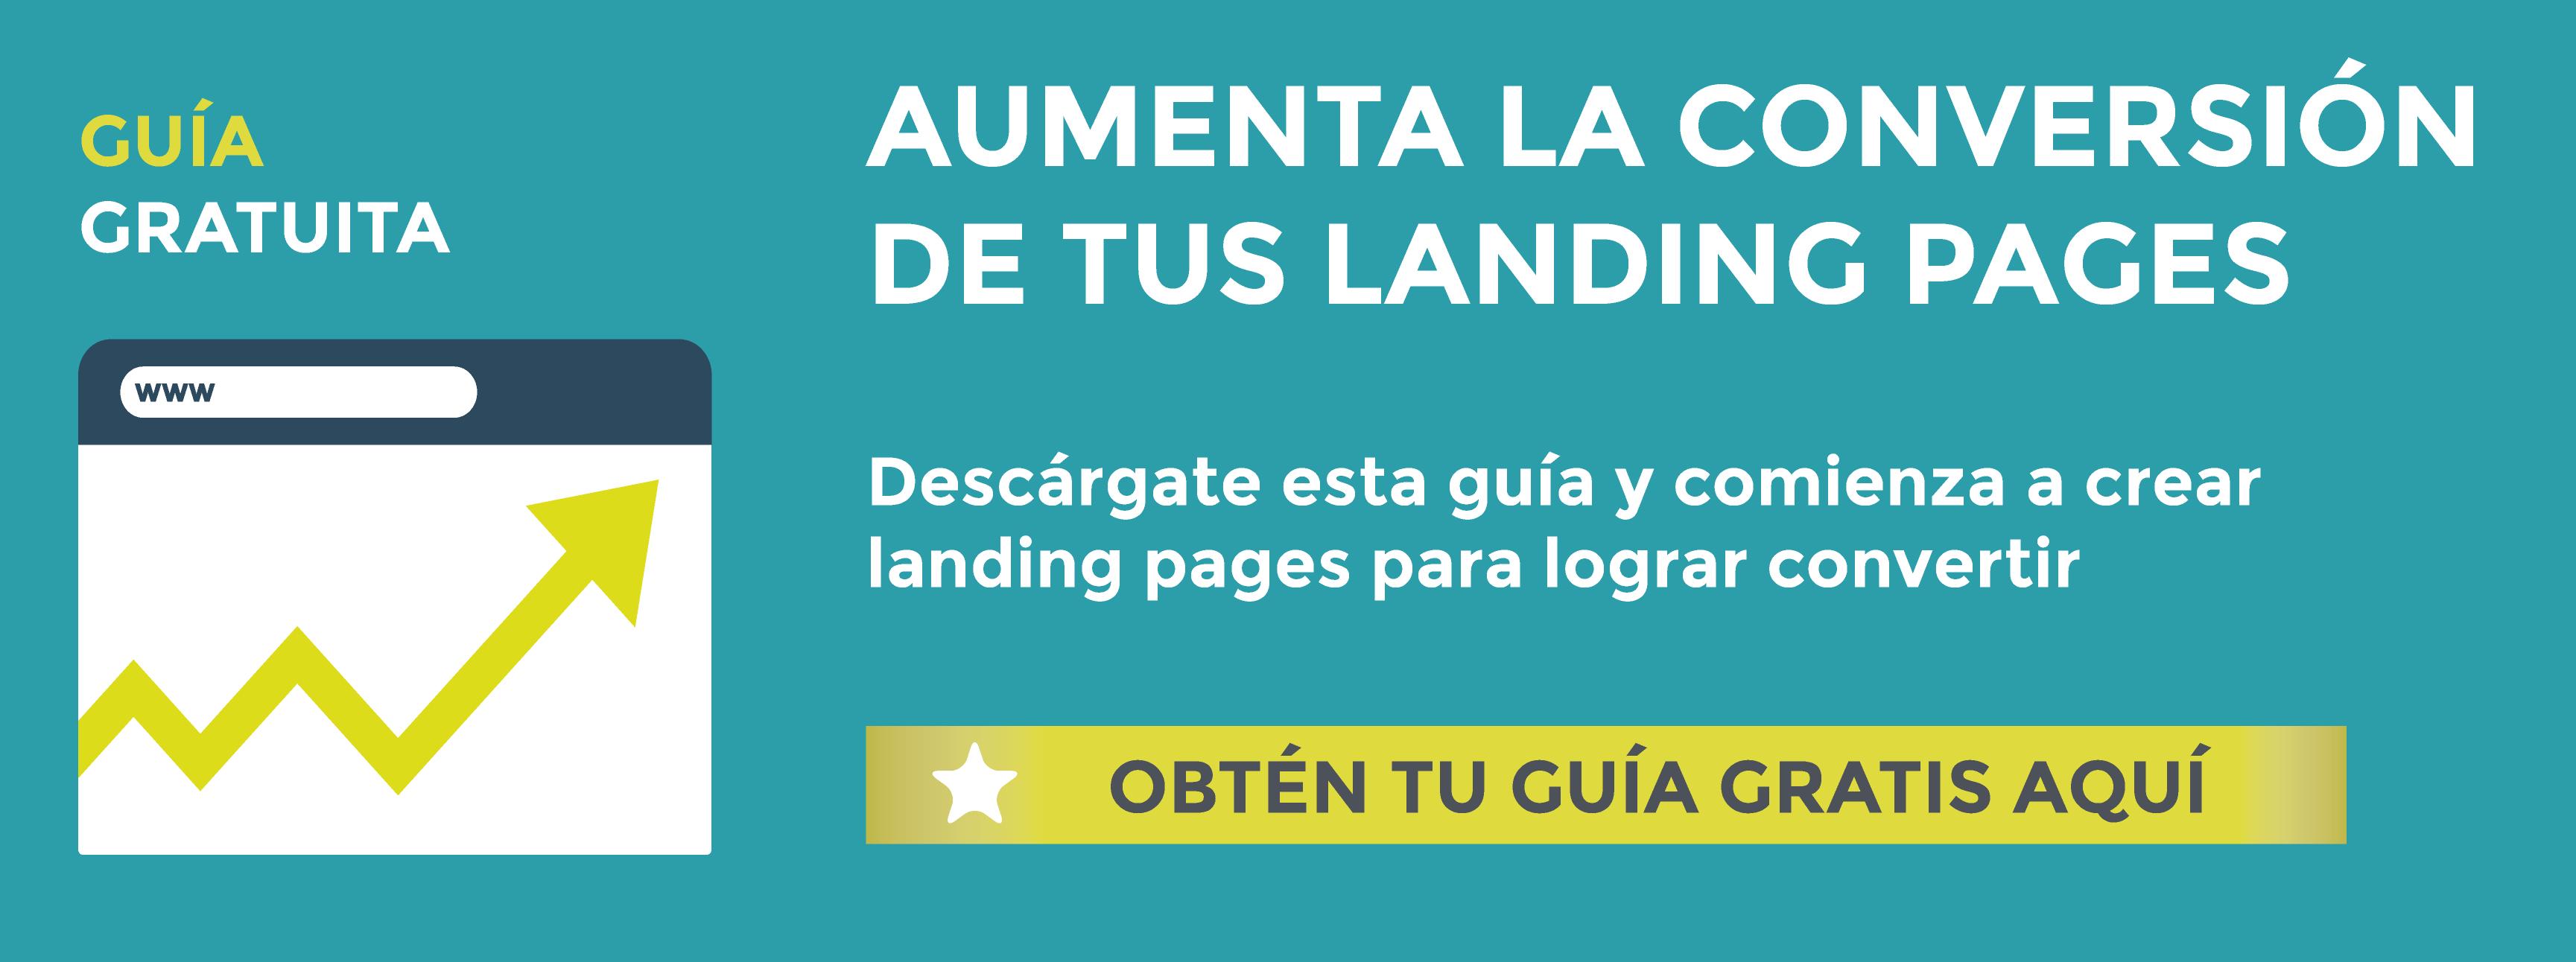 Descarga gratis la guía con las claves para crear landing pages que conviertan